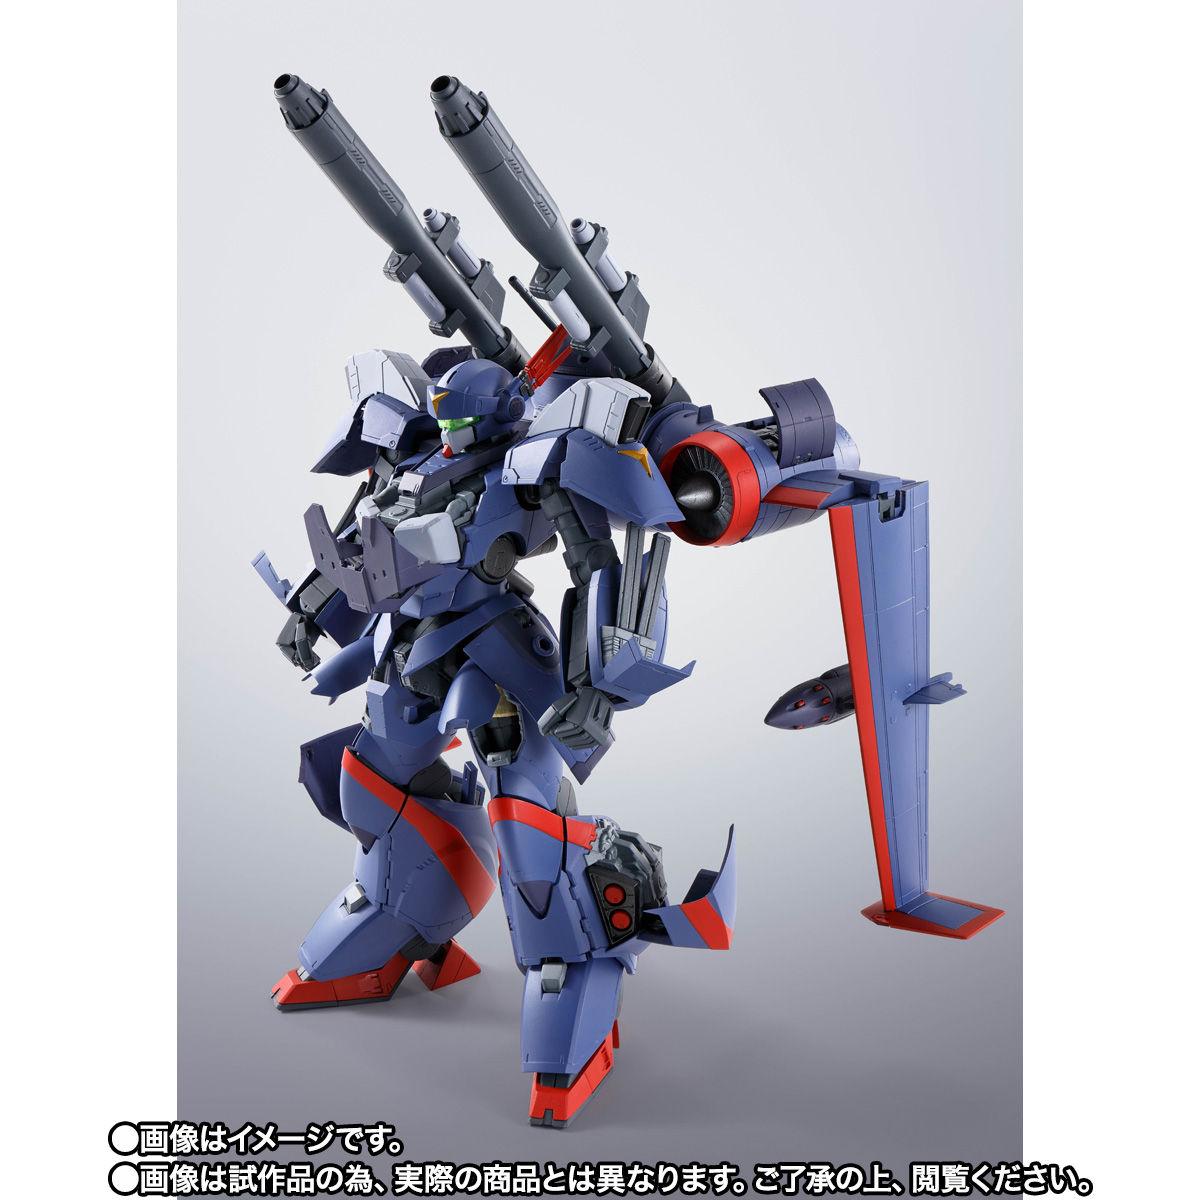 【限定販売】HI-METAL R『ドラグナー2カスタム』機甲戦記ドラグナー 可動フィギュア-003